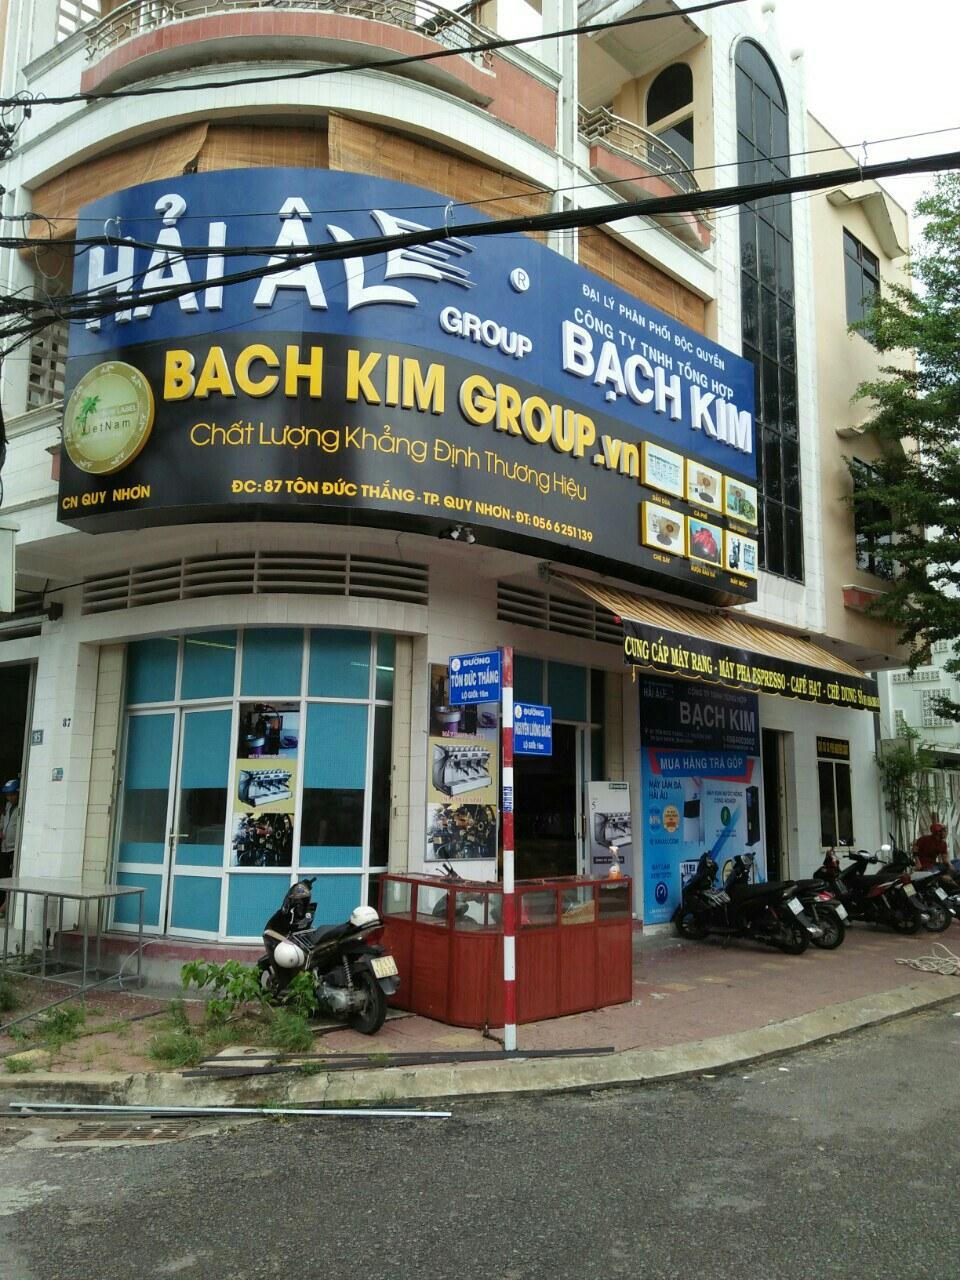 Đại Lý Hải Âu Group tại Thành phố Quy Nhơn - Bình Định